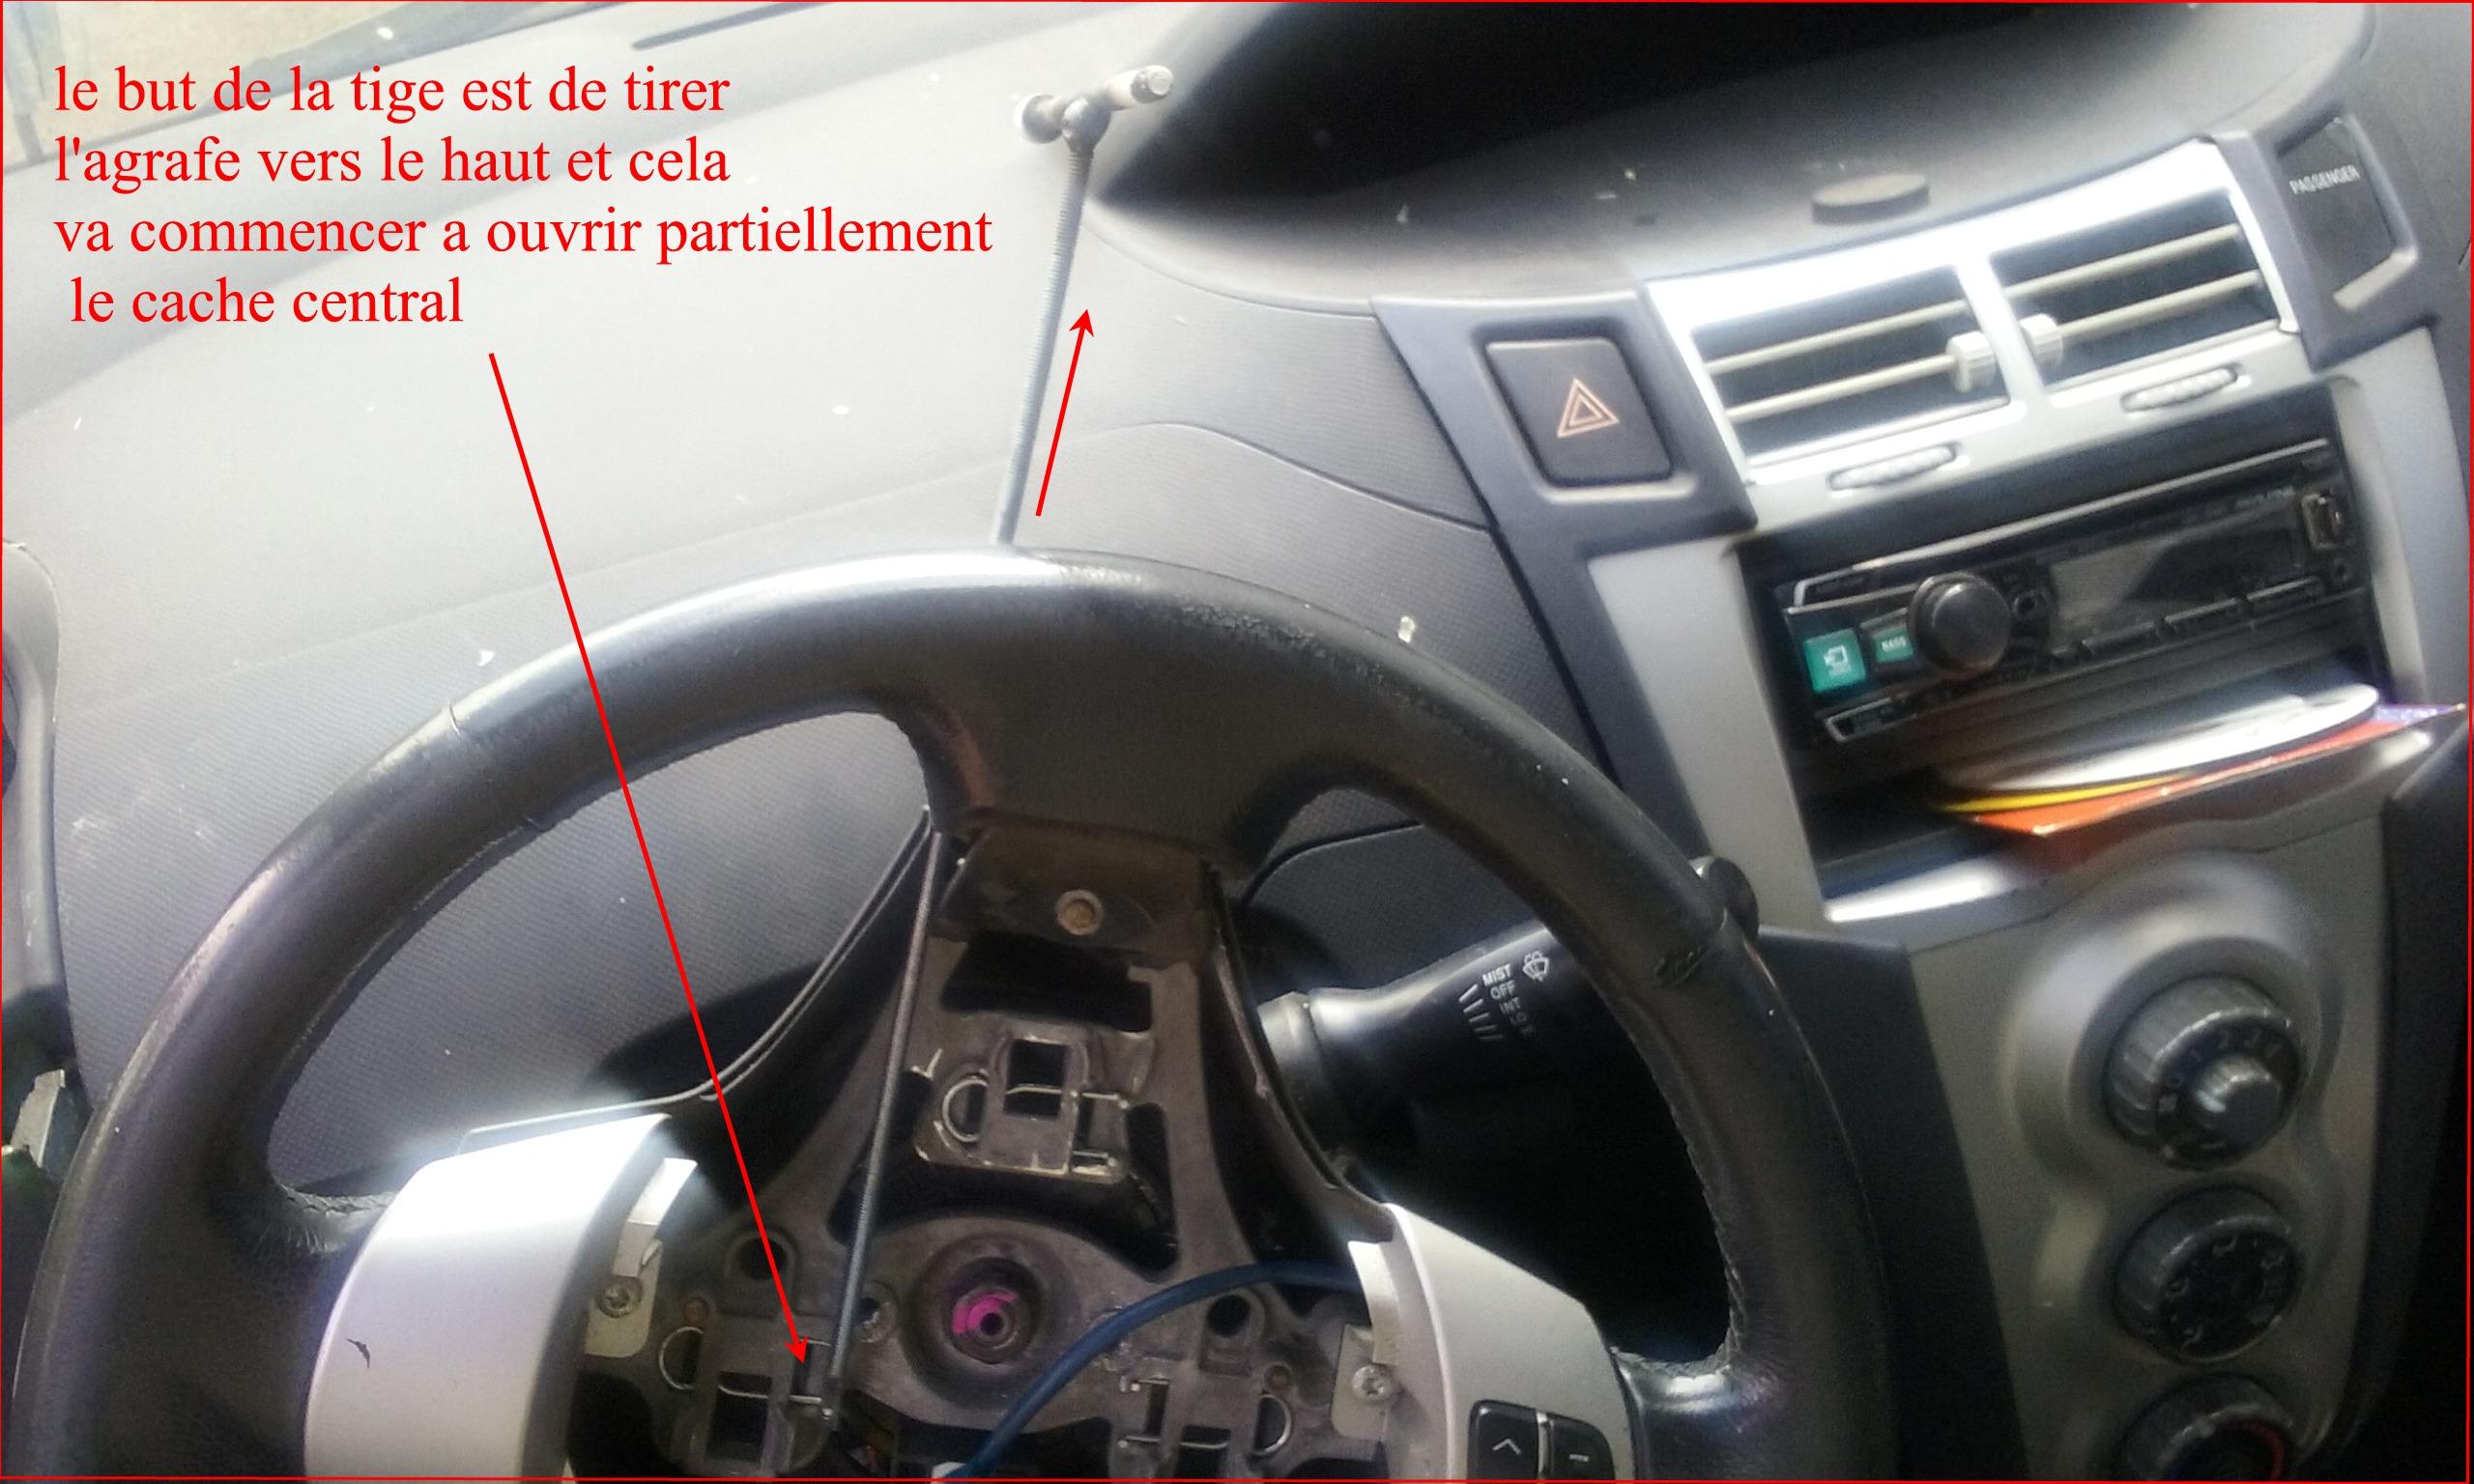 Demonter volant yaris 2007 pour le renover auto titre for Enlever de l huile sur du cuir